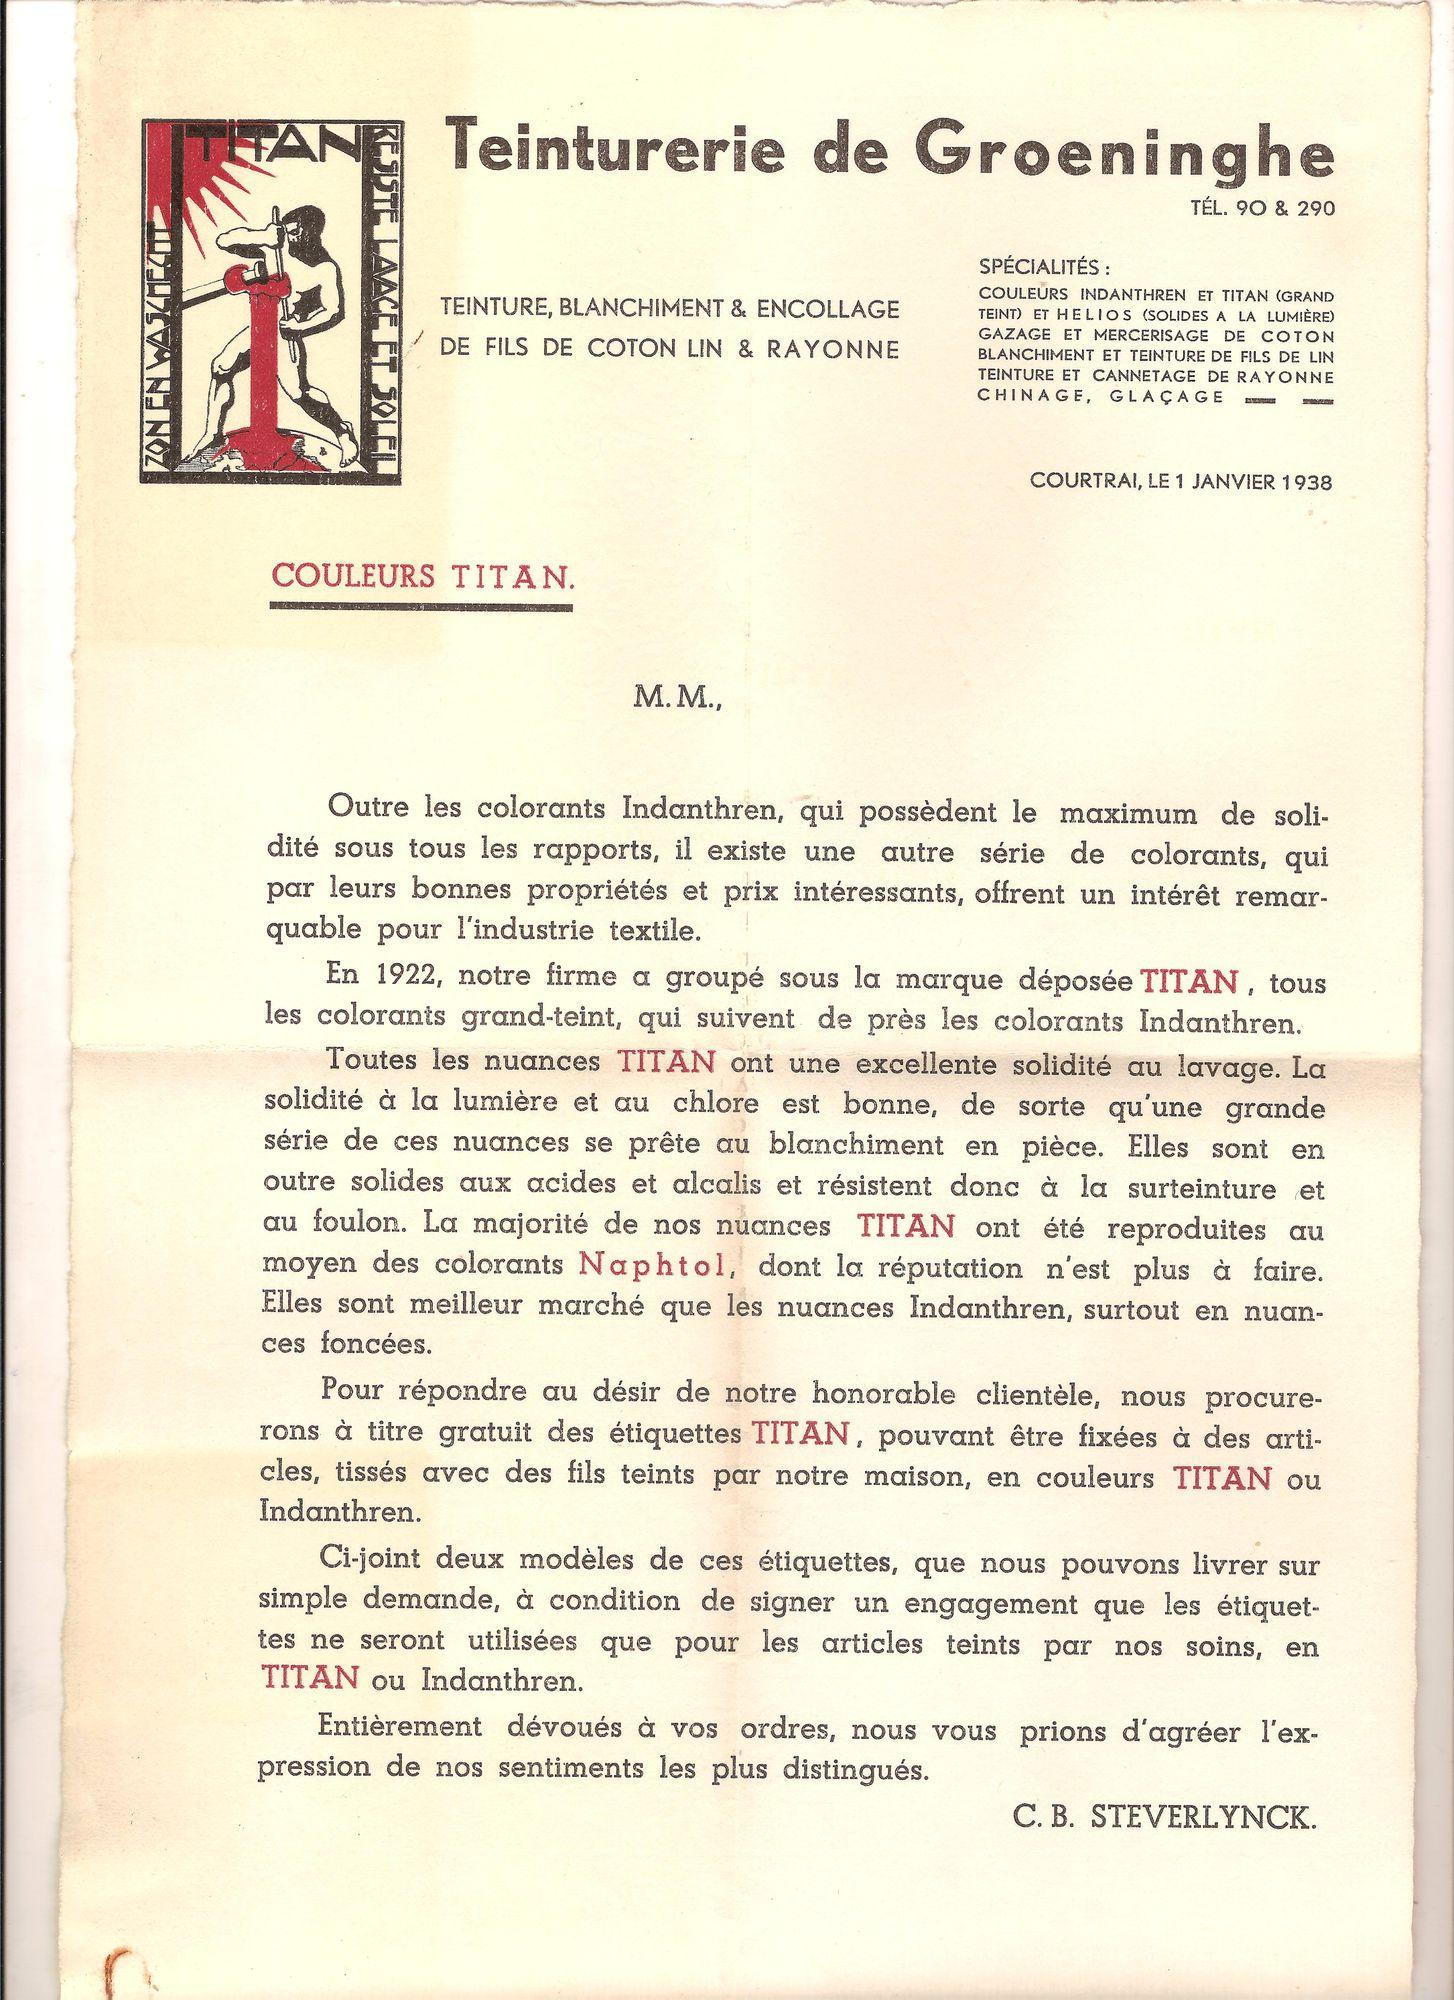 Groeninghe Ververij: briefhoofd met afbeelding van de Titanreus 1938